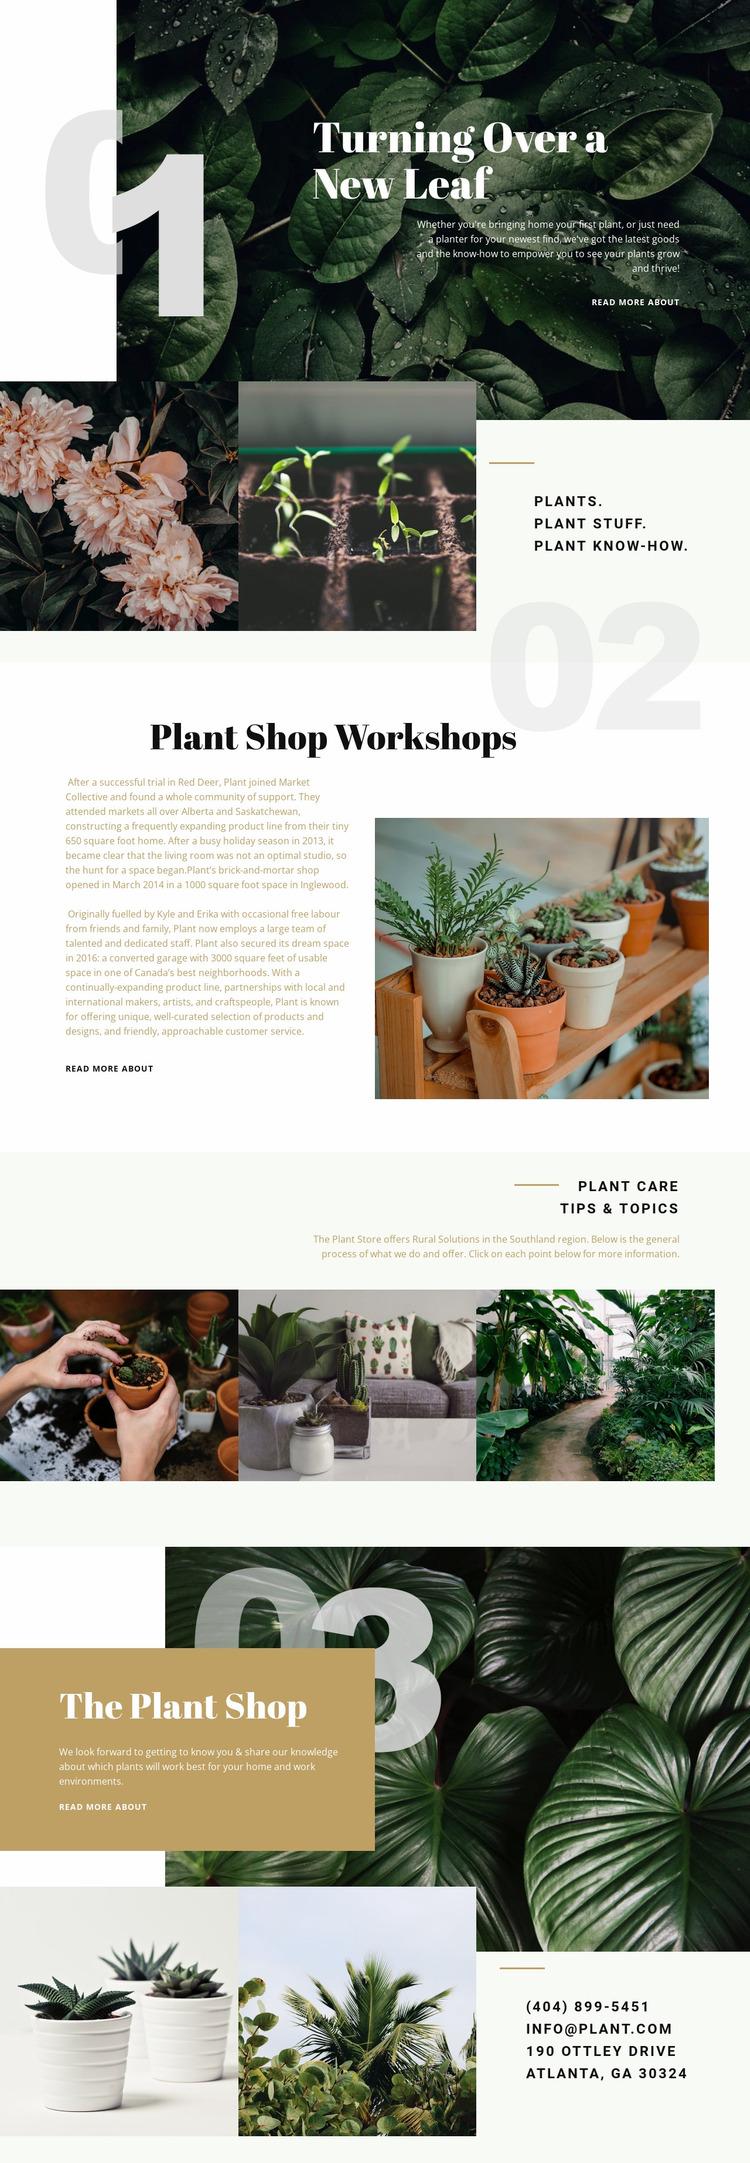 Plant Shop Website Mockup